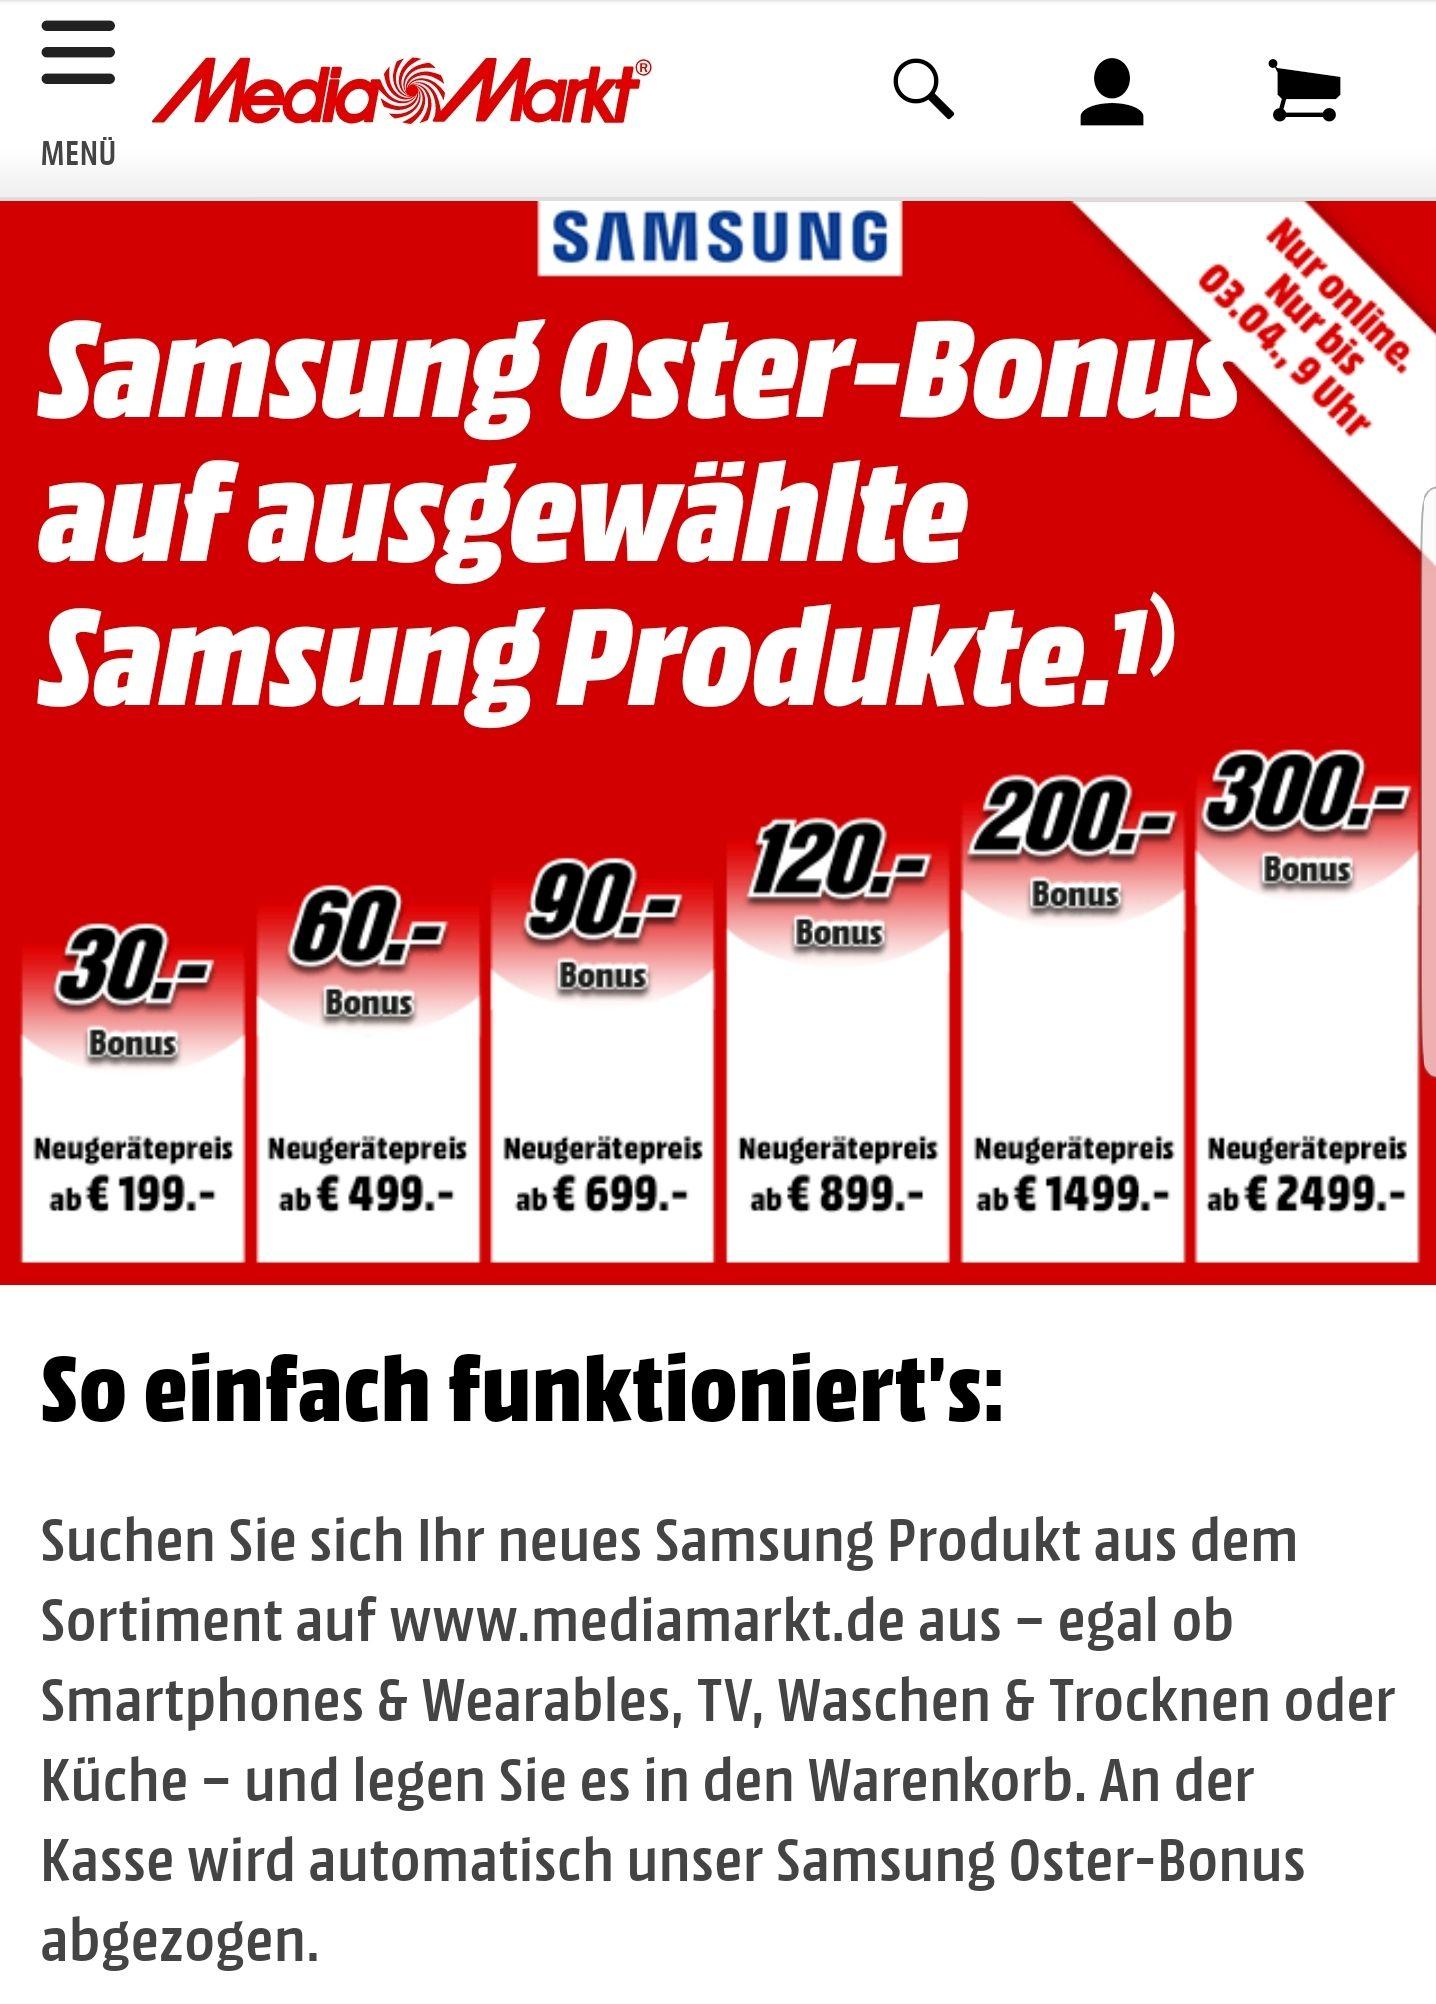 Media Markt Samsung Osterbonus 30 bis zu 300 € Bonus